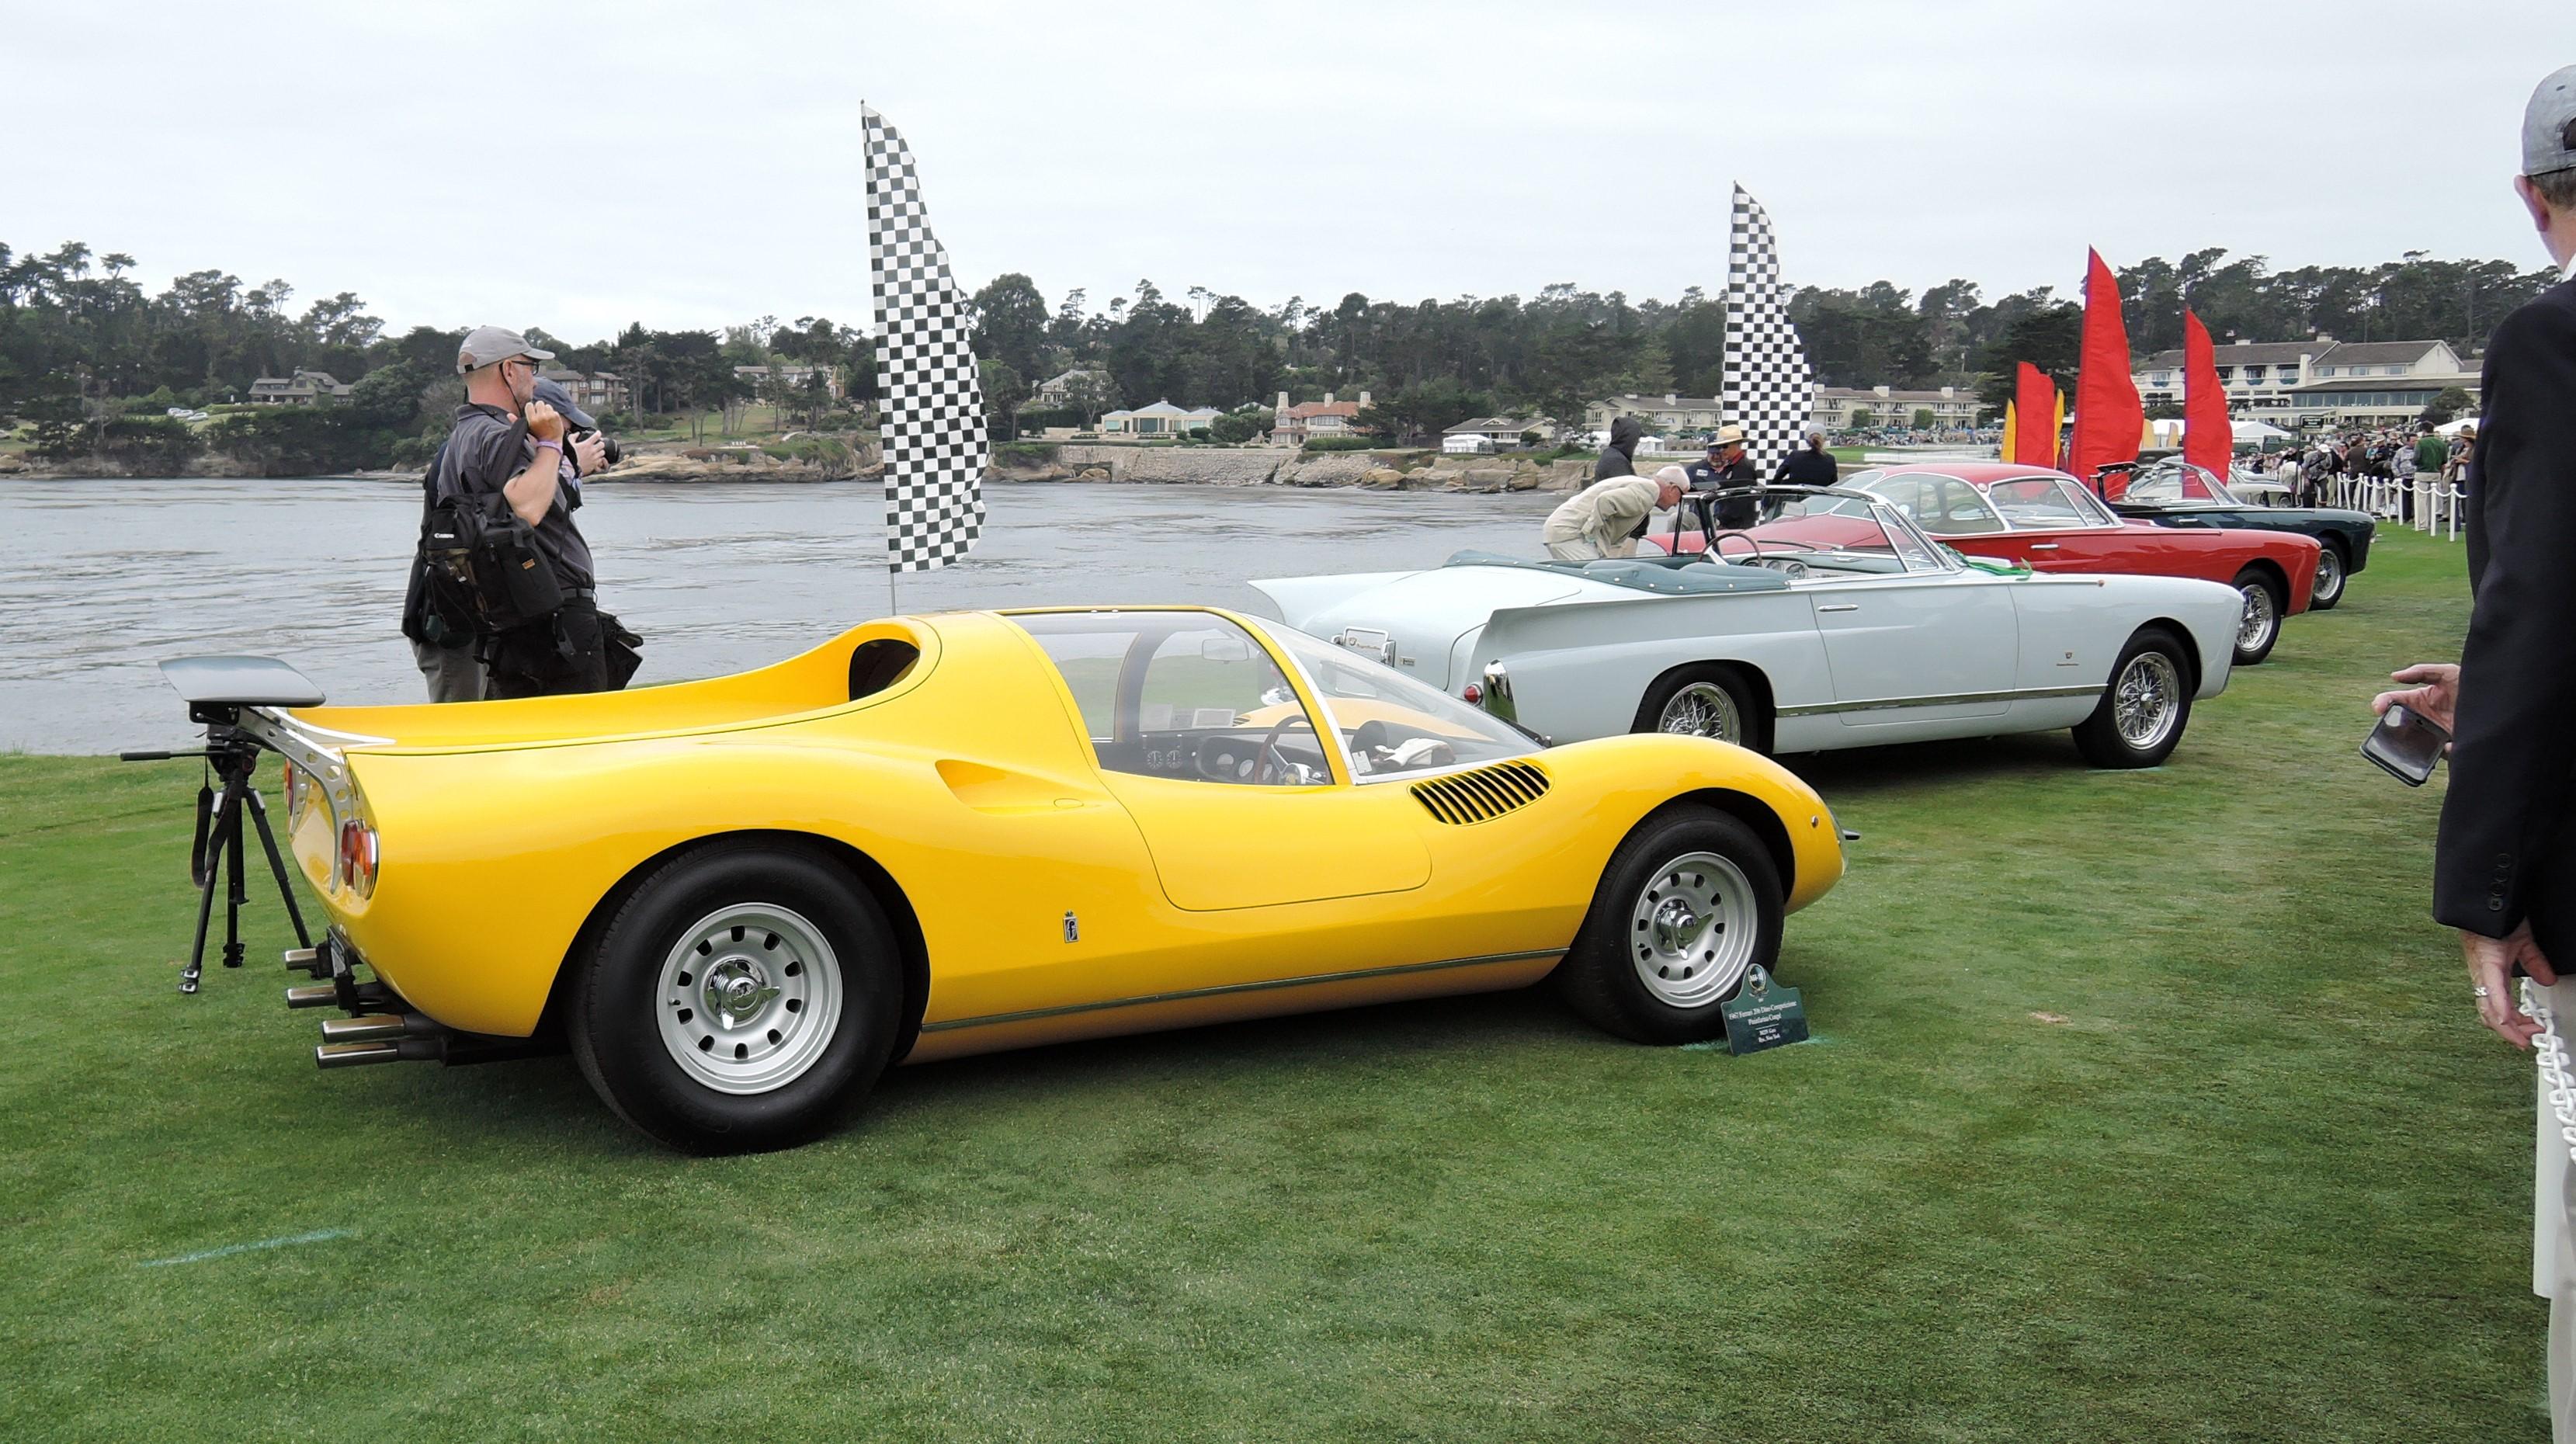 yellow 1967 Ferrari 206 Dino Competizione Pininfarina Coupe; Sn 10523 - Pebble Beach Concours d'Elegance 2017